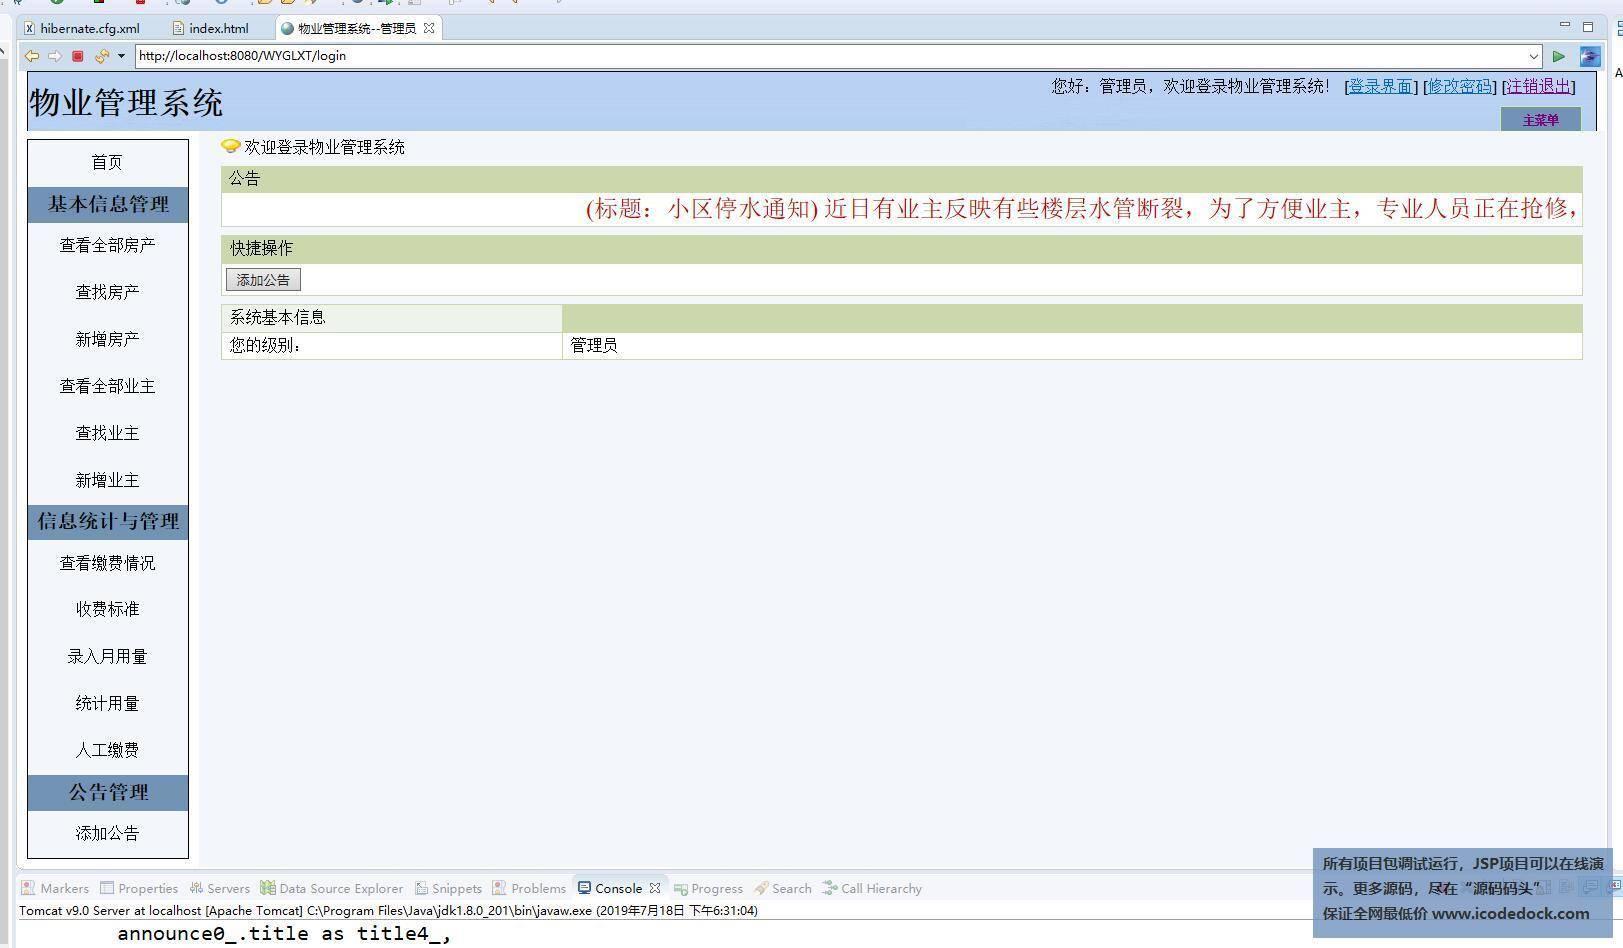 源码码头-SSH小区物业管理系统-管理员角色-管理员界面